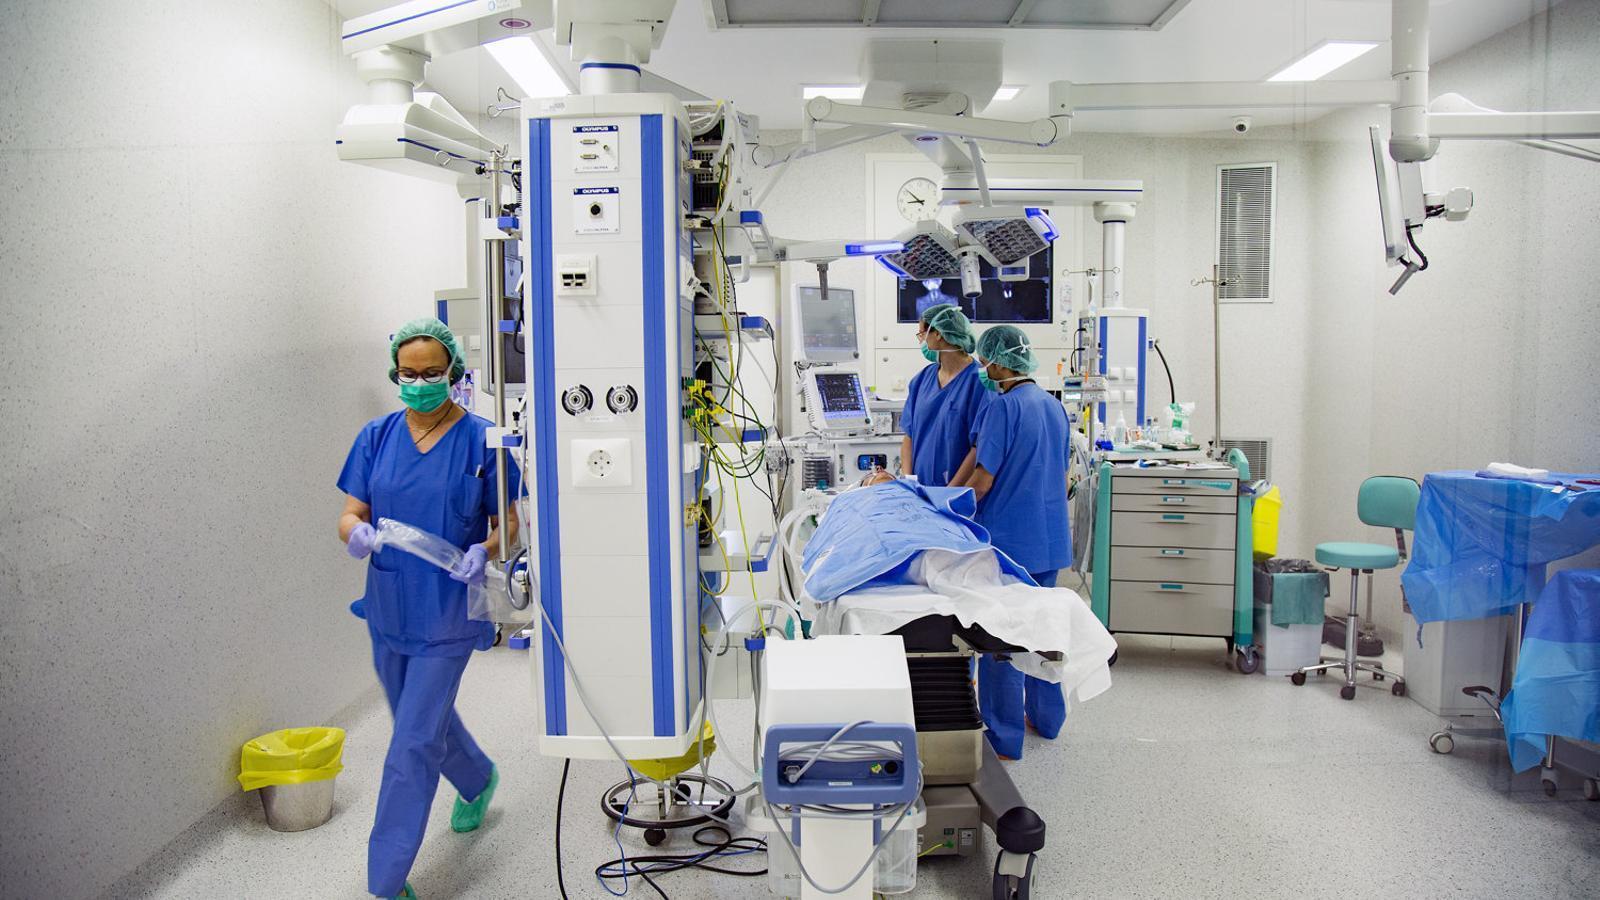 Les mesures s'apliquen als hospitals catalans per frenar les infeccions quirúrgiques.